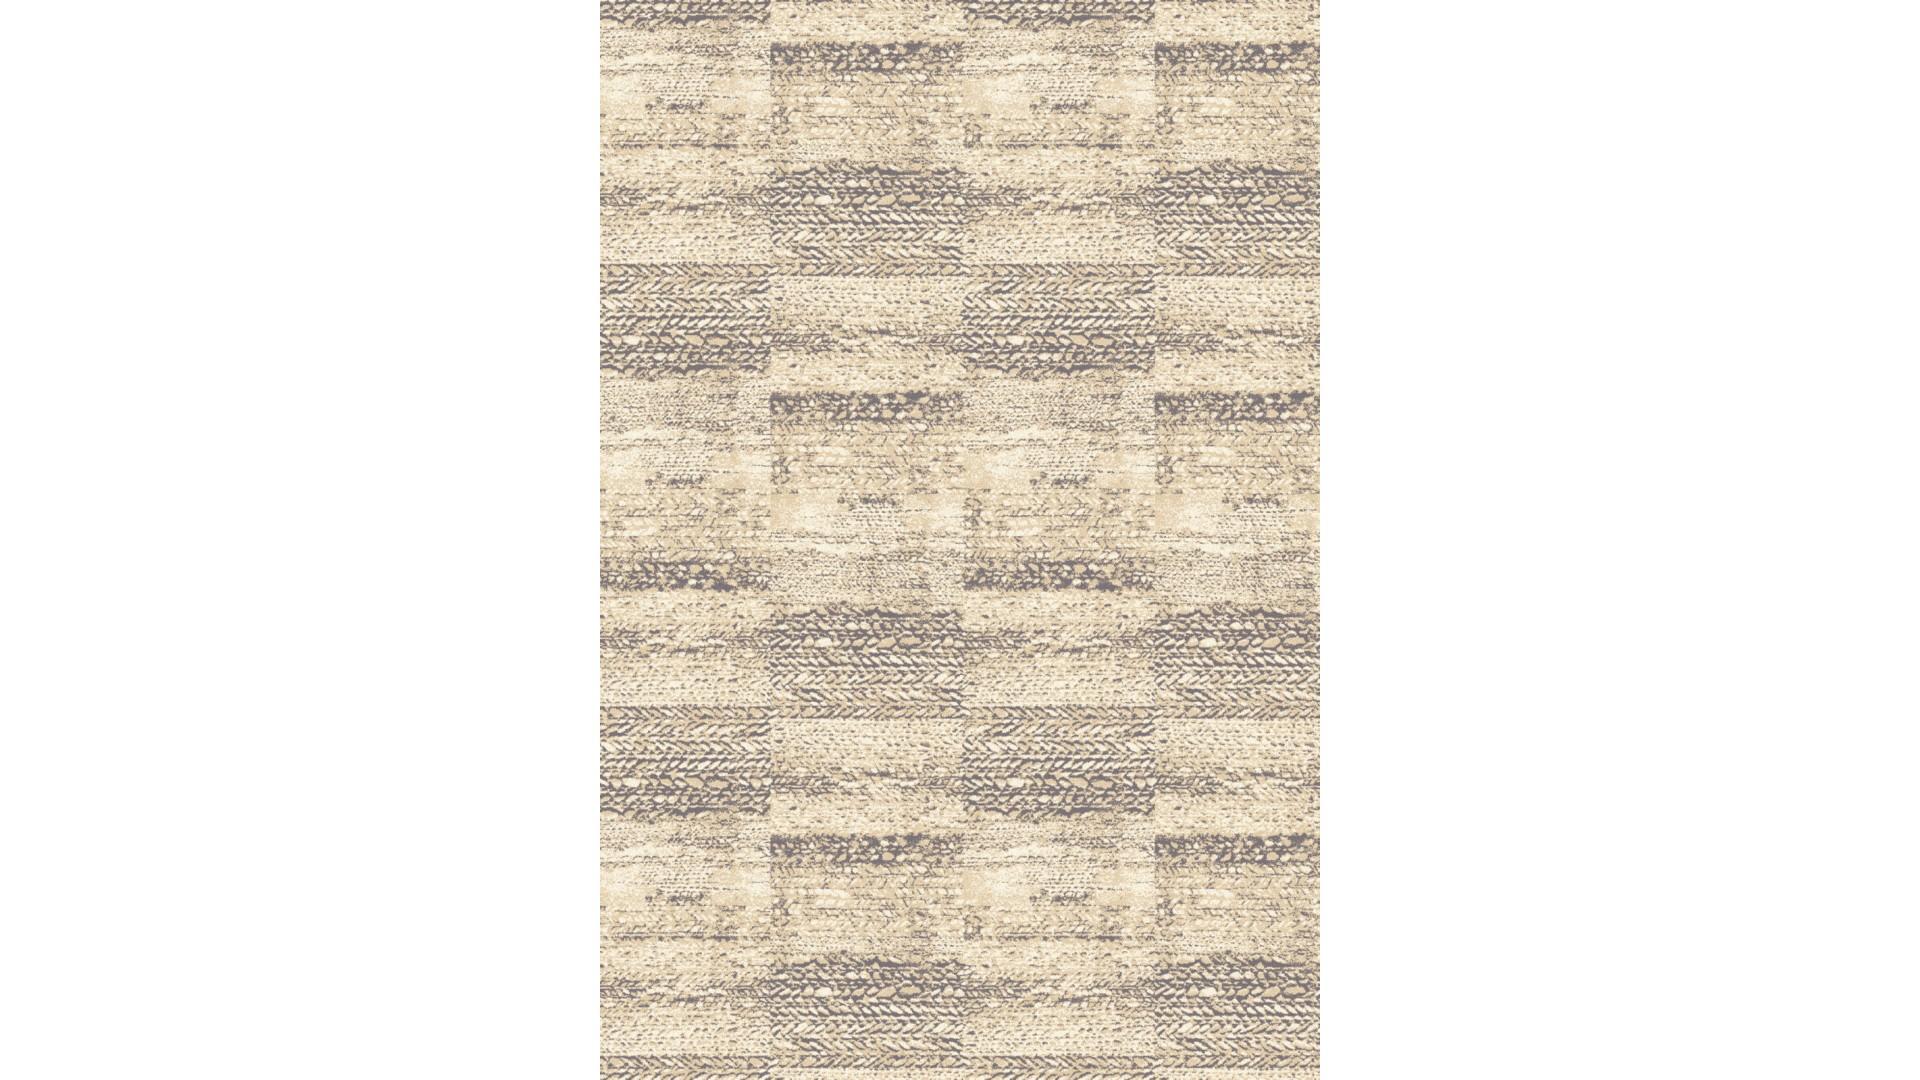 Modny wełniany dywan do salonu